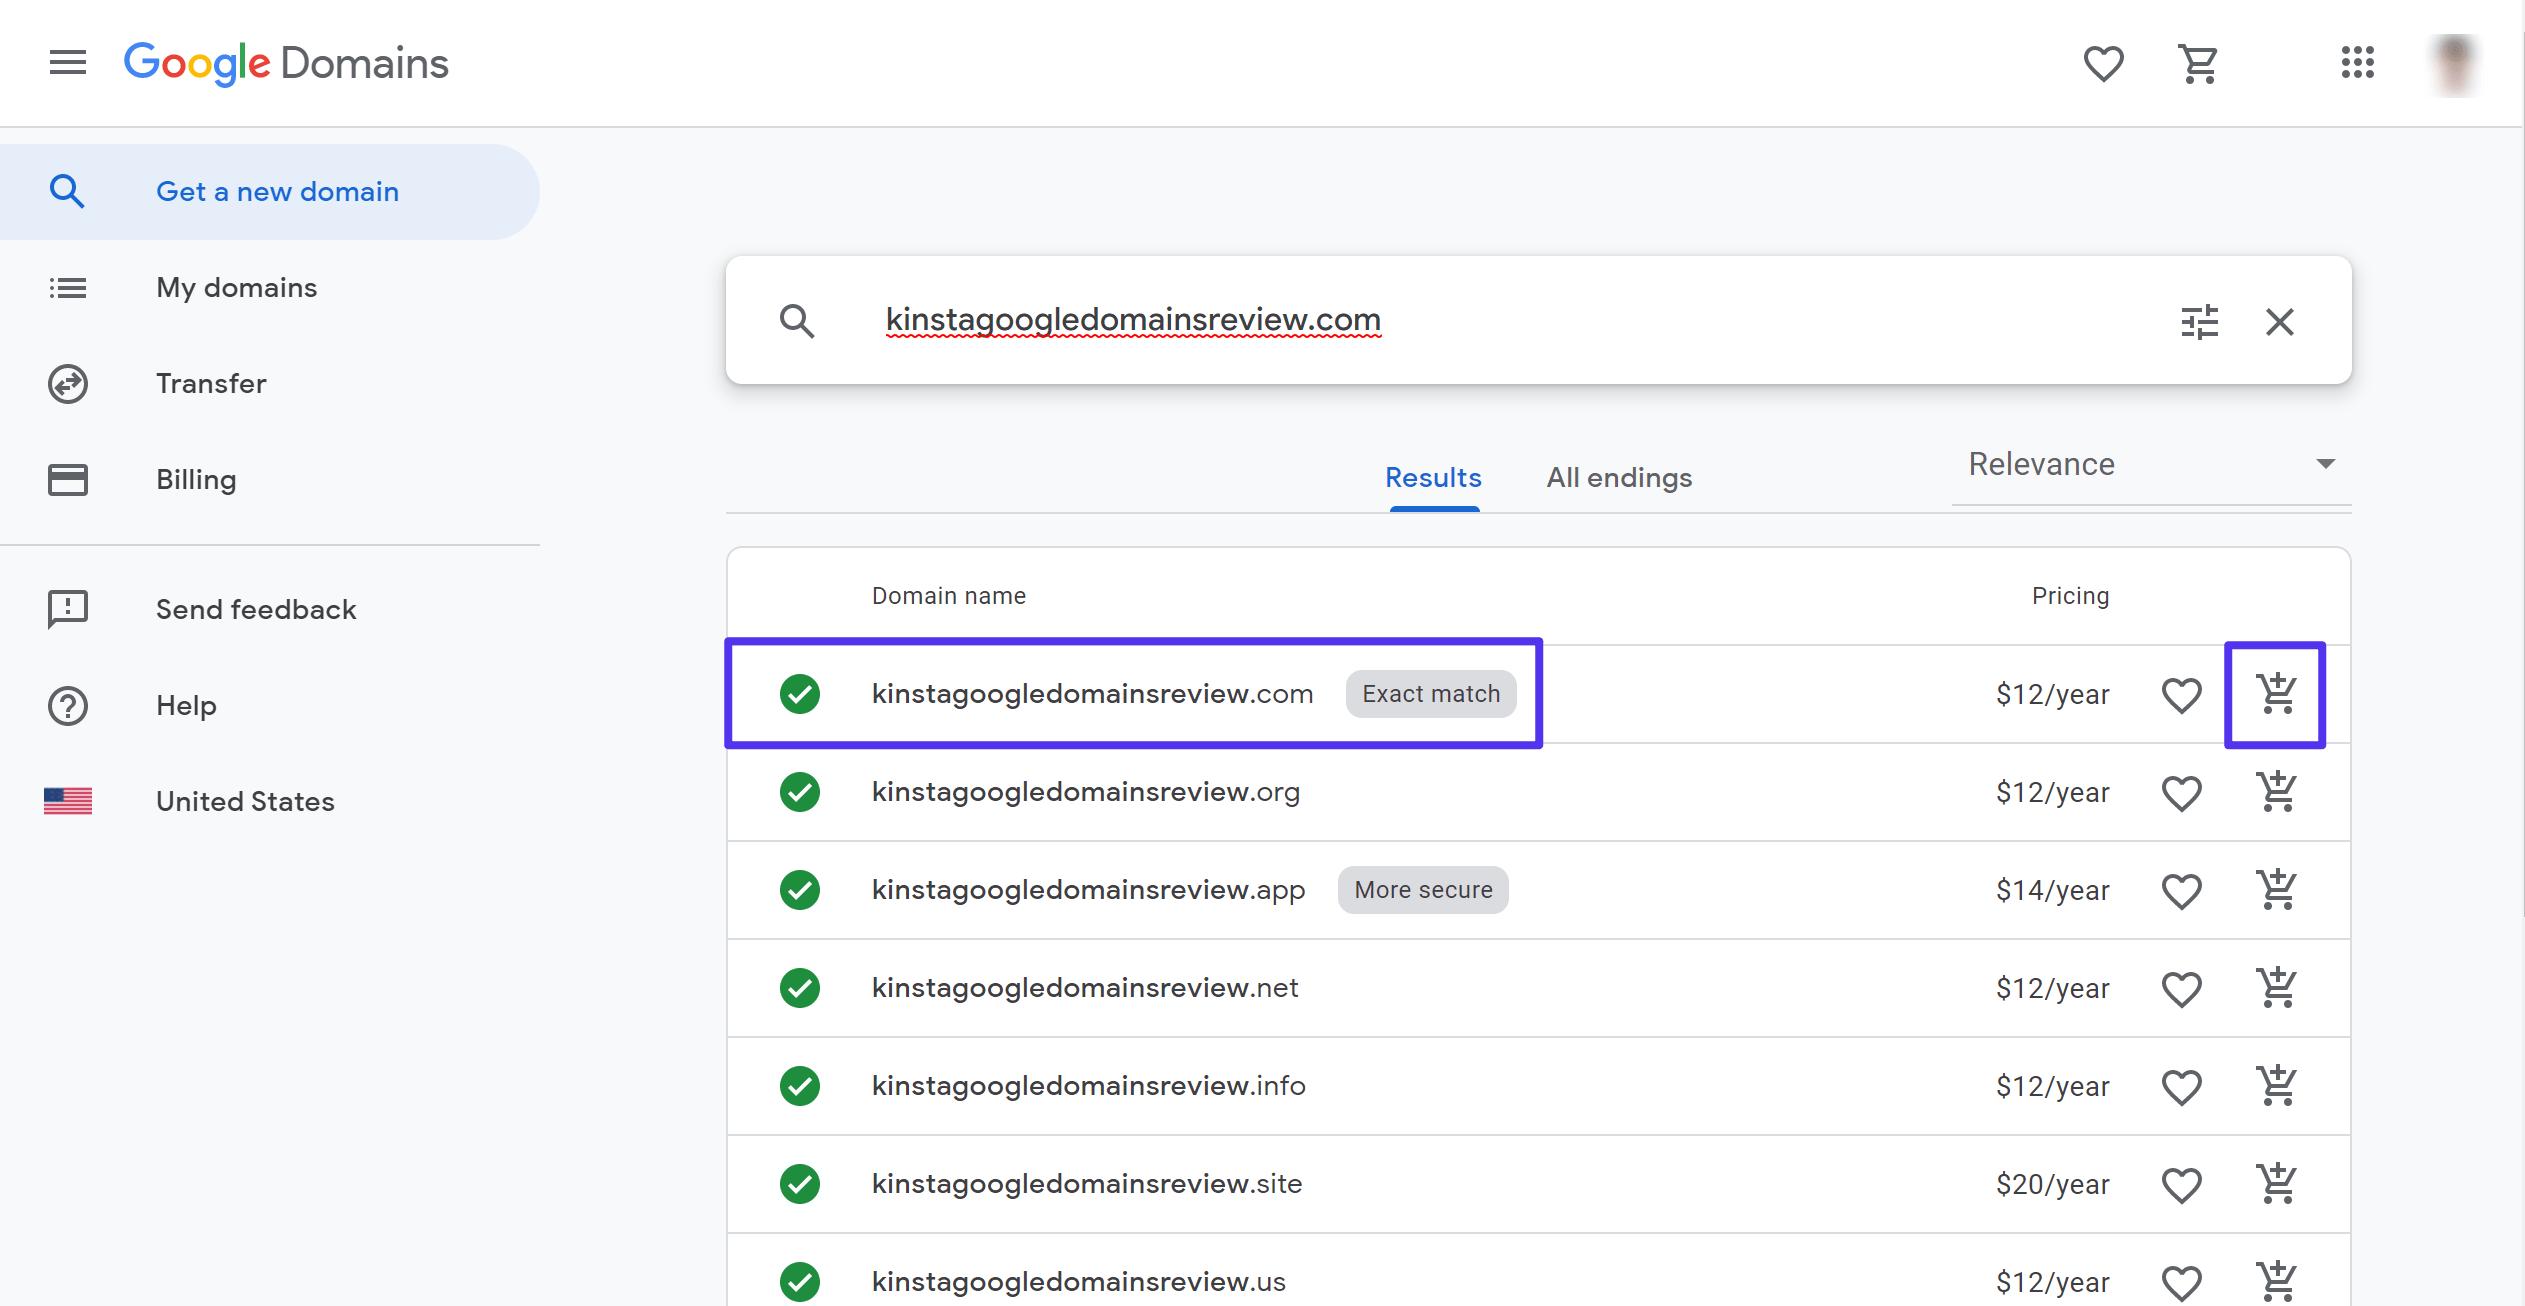 Check beschikbaarheid domein